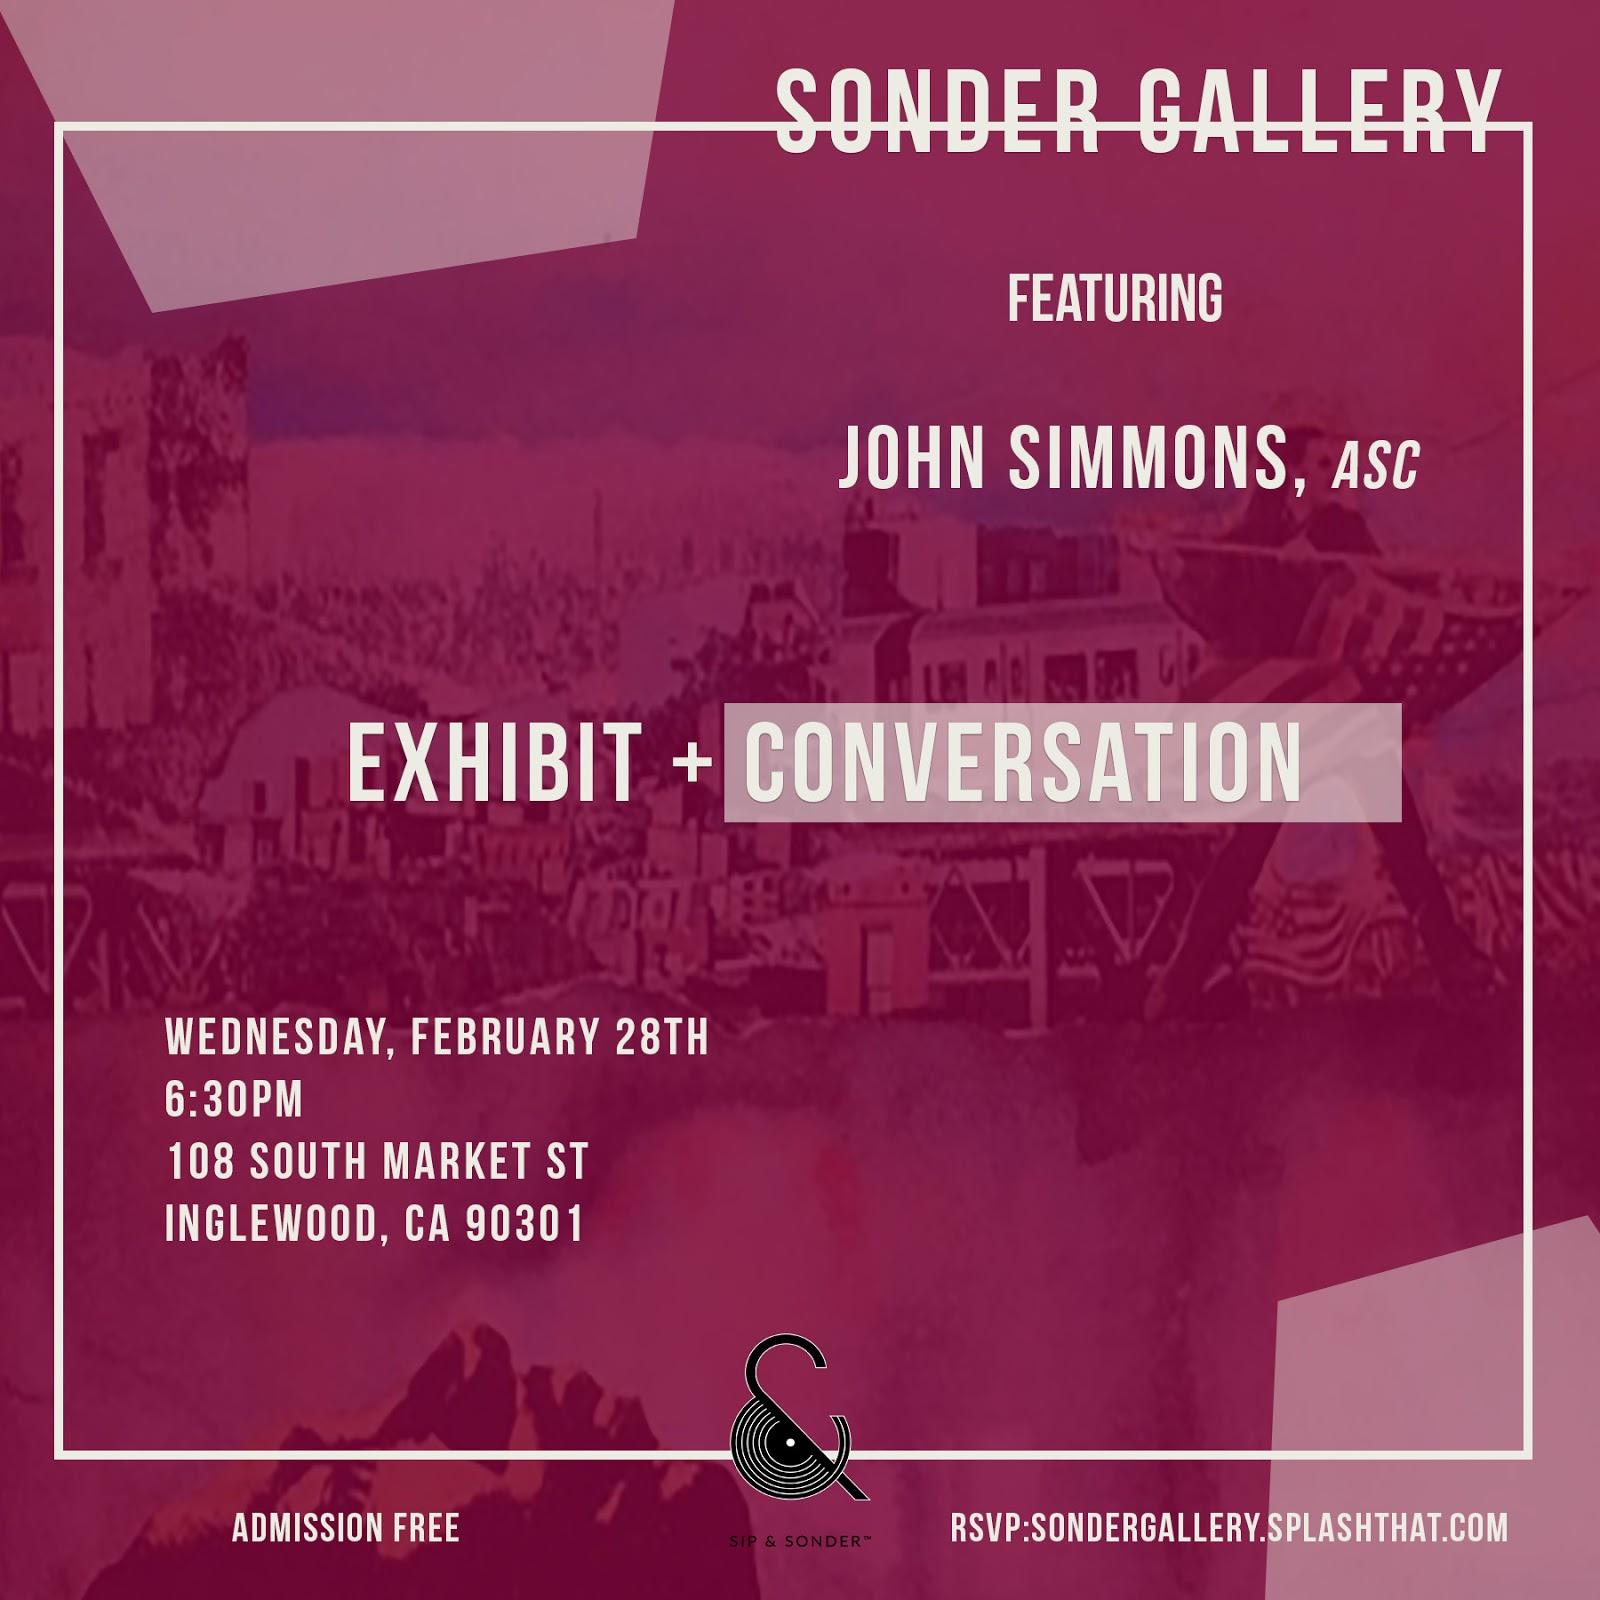 sonder gallery 1.jpg